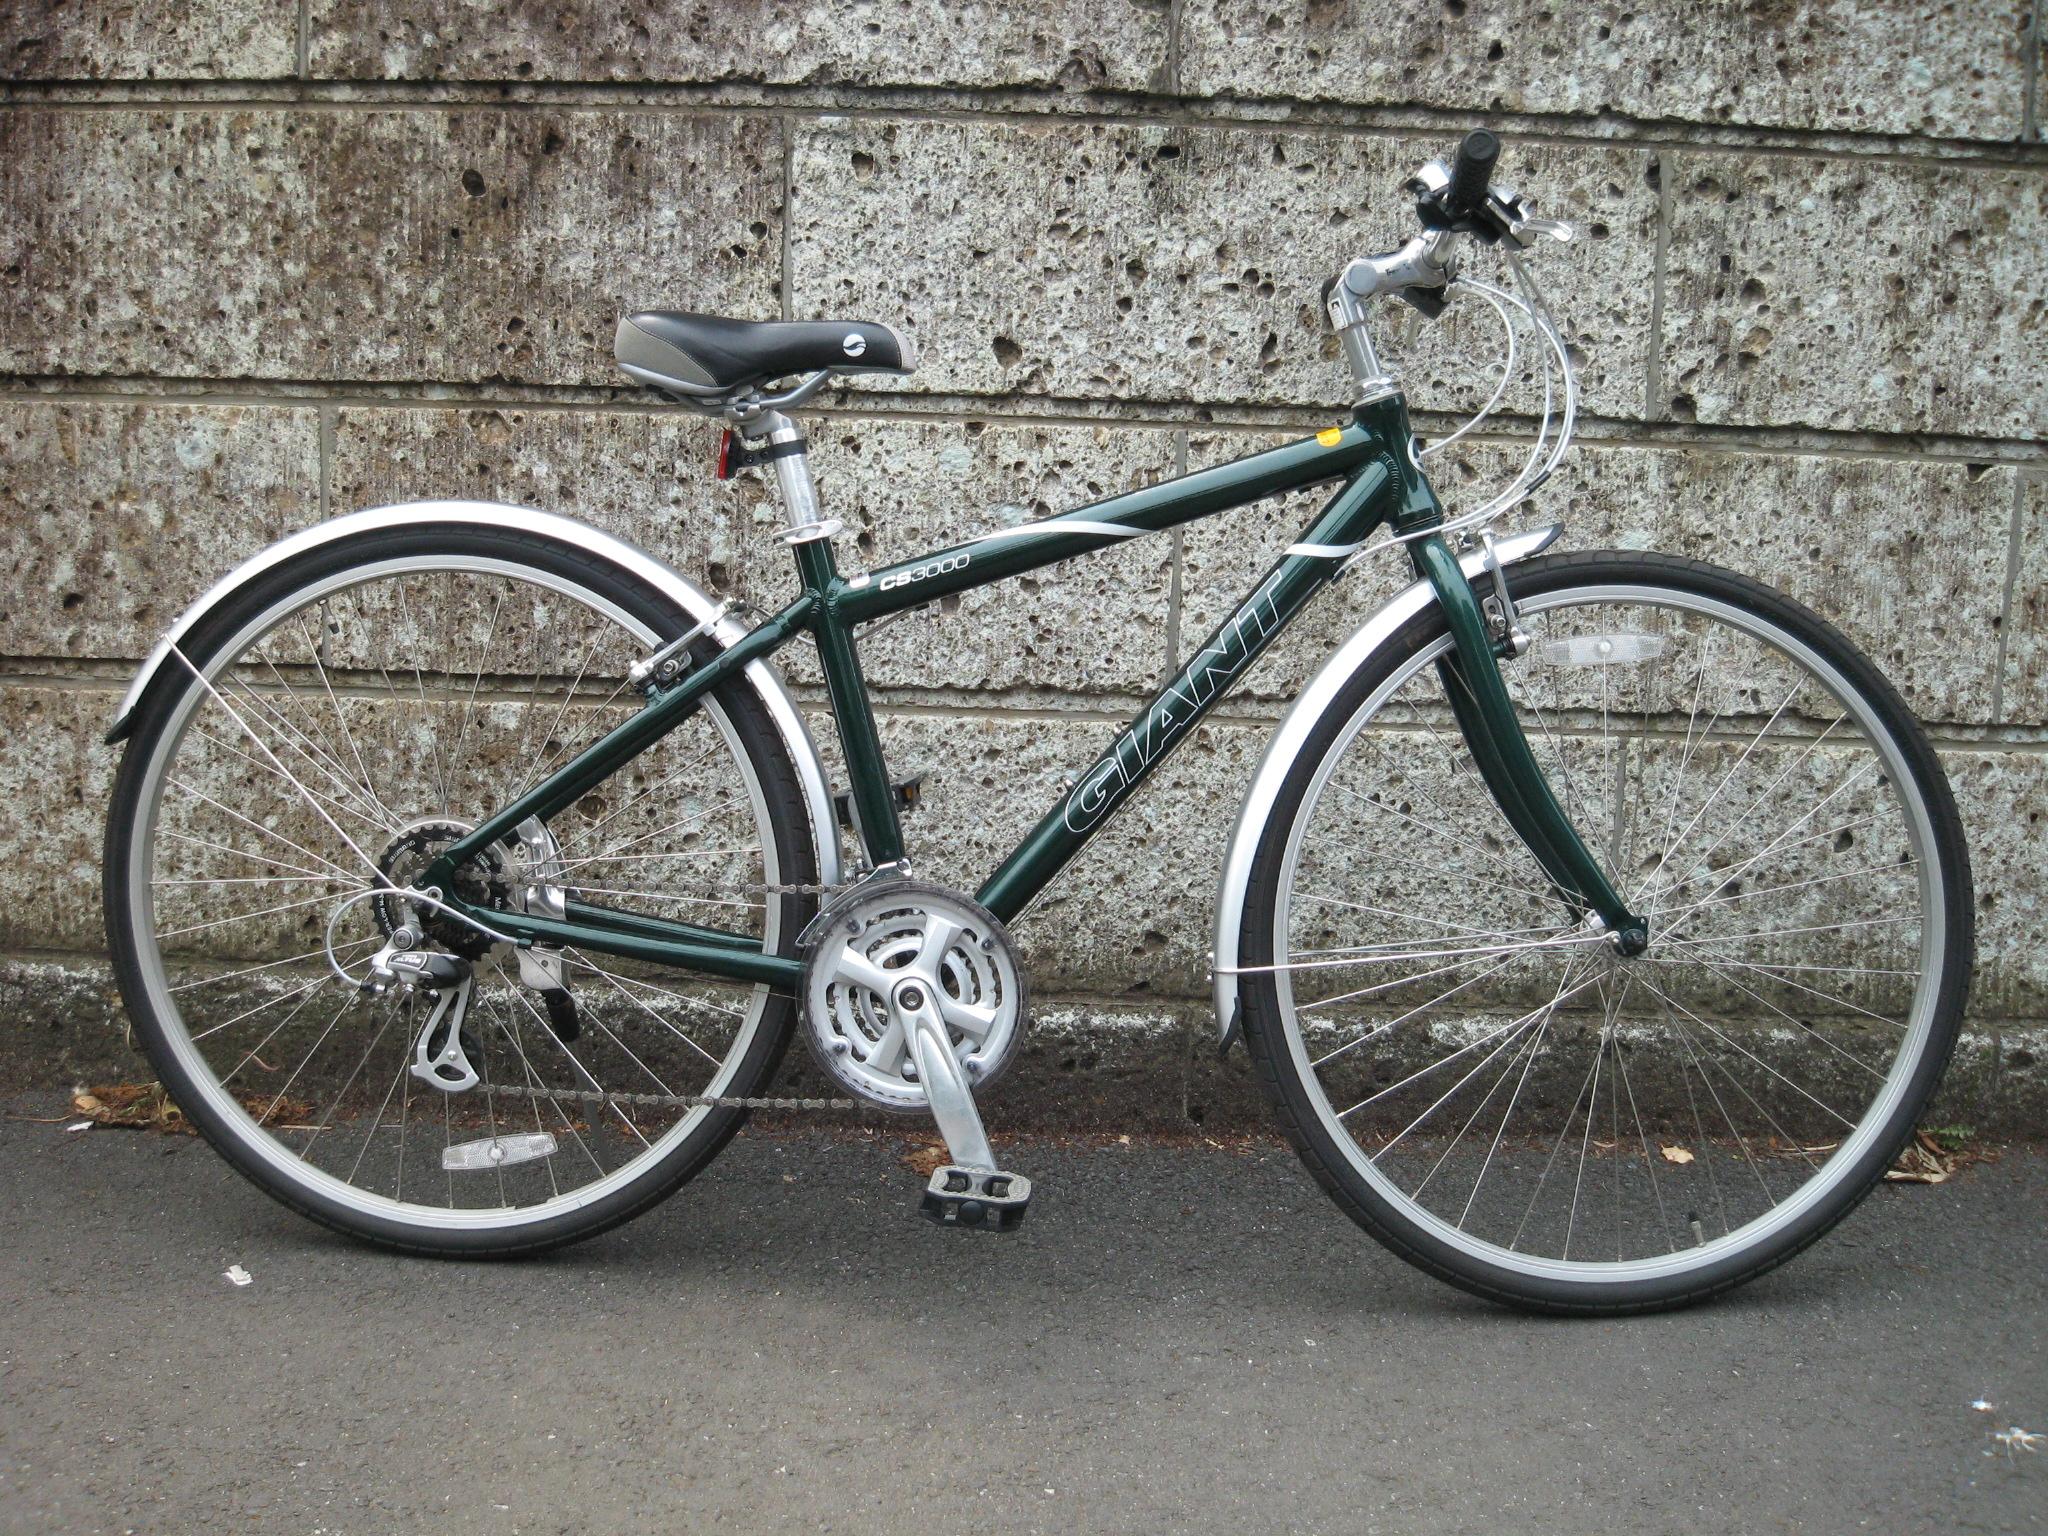 自転車の 自転車 フォーク アルミ クロモリ : GIANTの中古クロスバイクCROSS 3000 ...